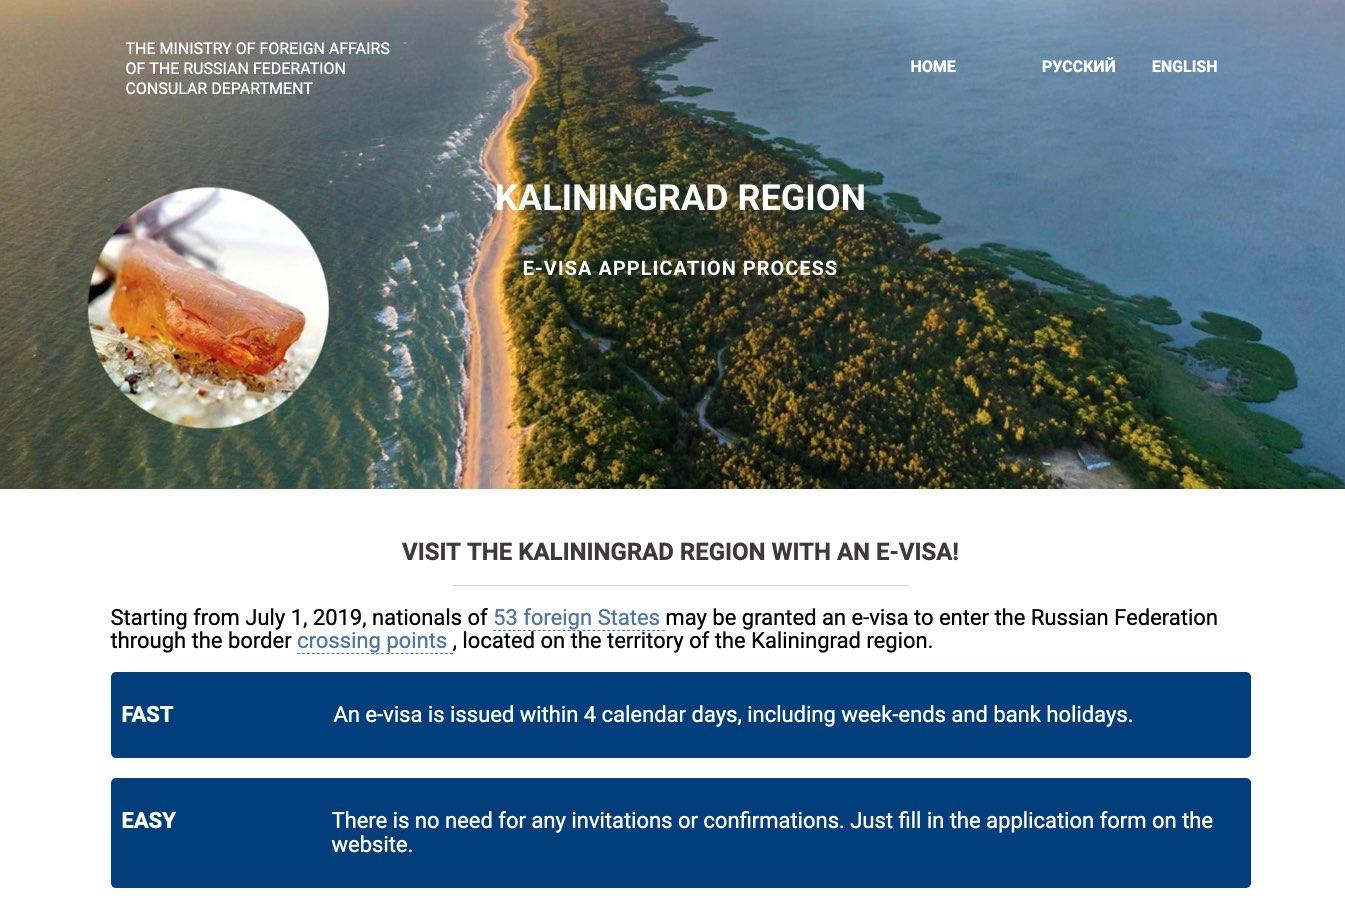 Electronic visa Kaliningrad Region